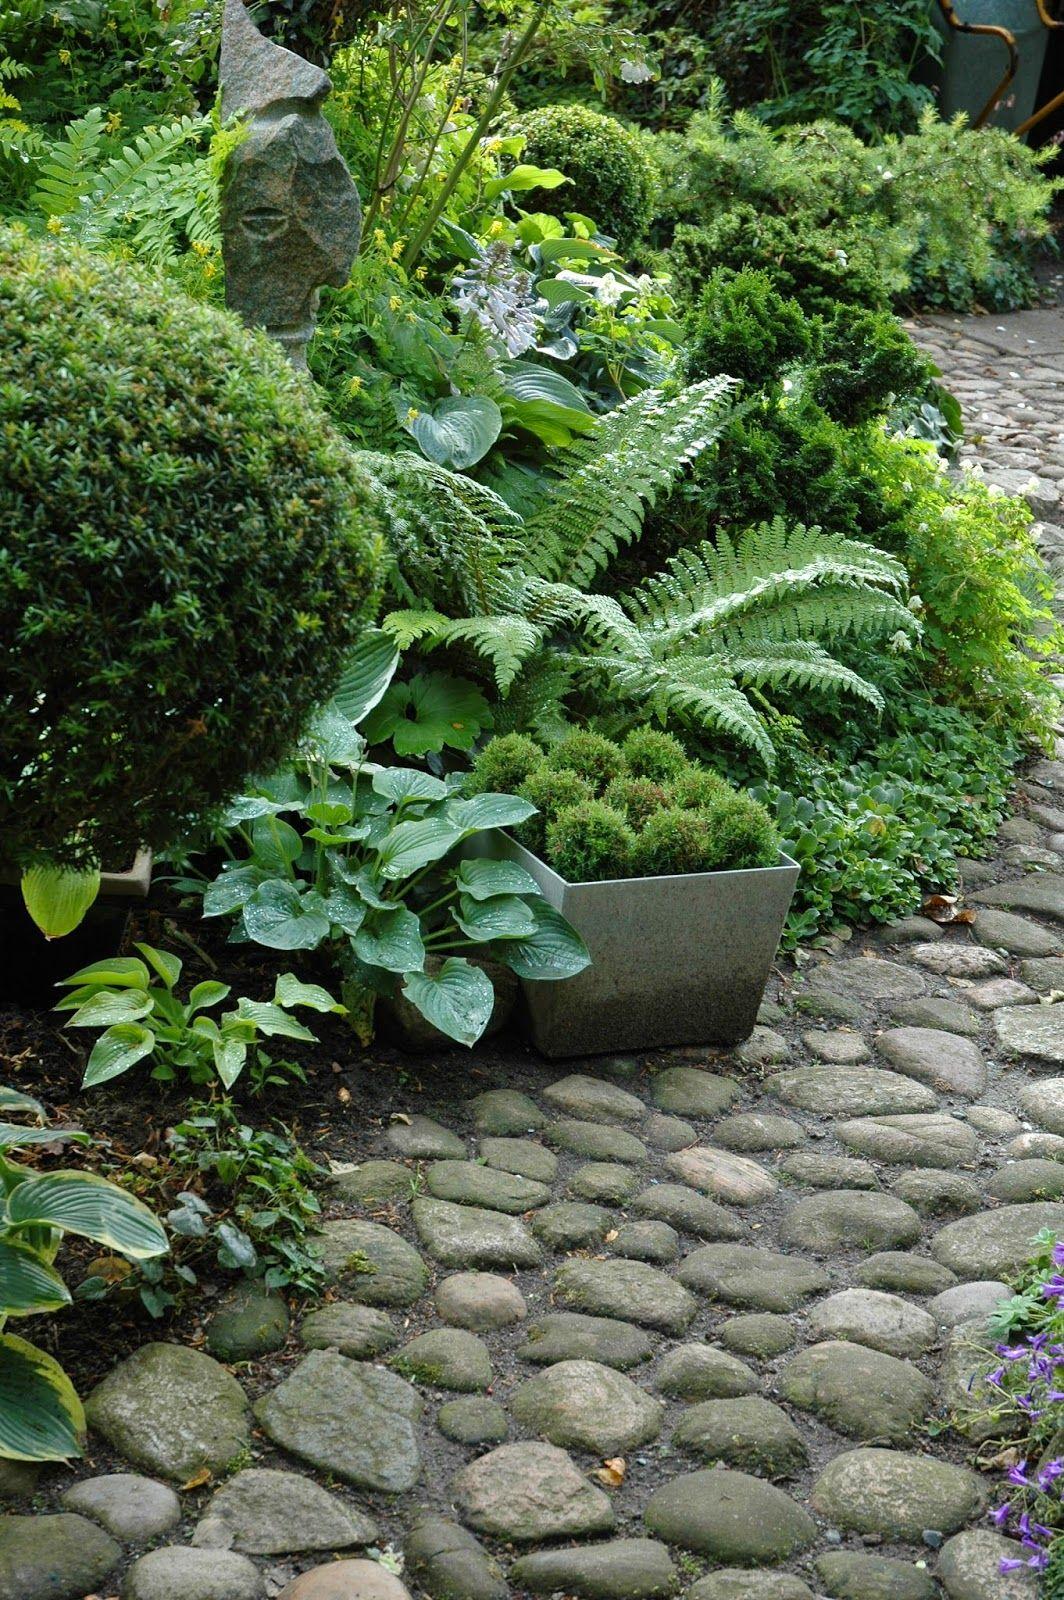 Schattengarten garten sitzen pinterest - Schattengarten gestalten ...